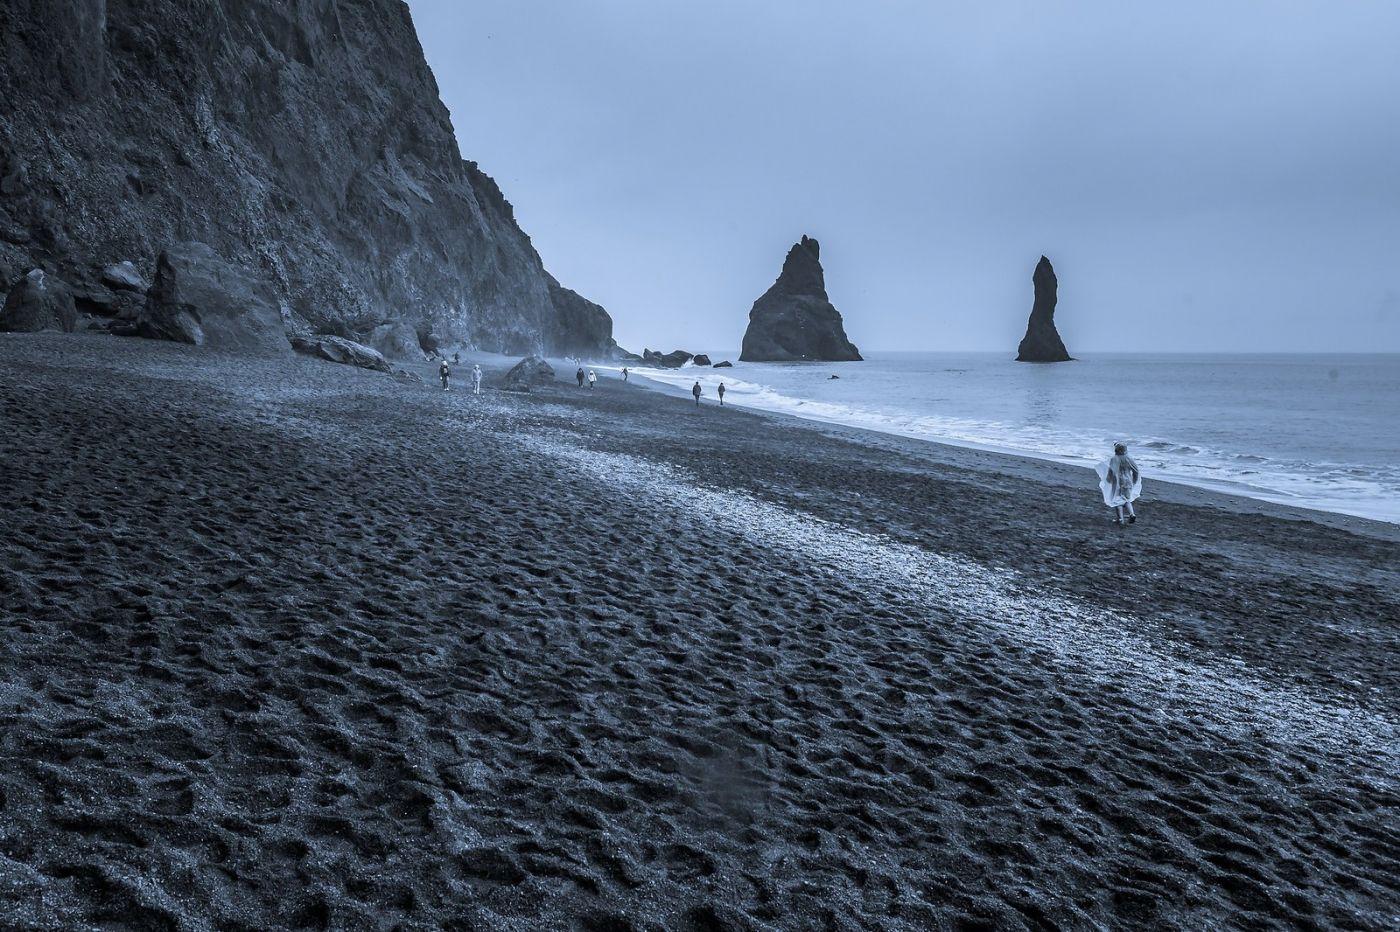 冰岛雷尼斯法加拉黑沙滩(Reynisfjara Black Sand Beach)_图1-18